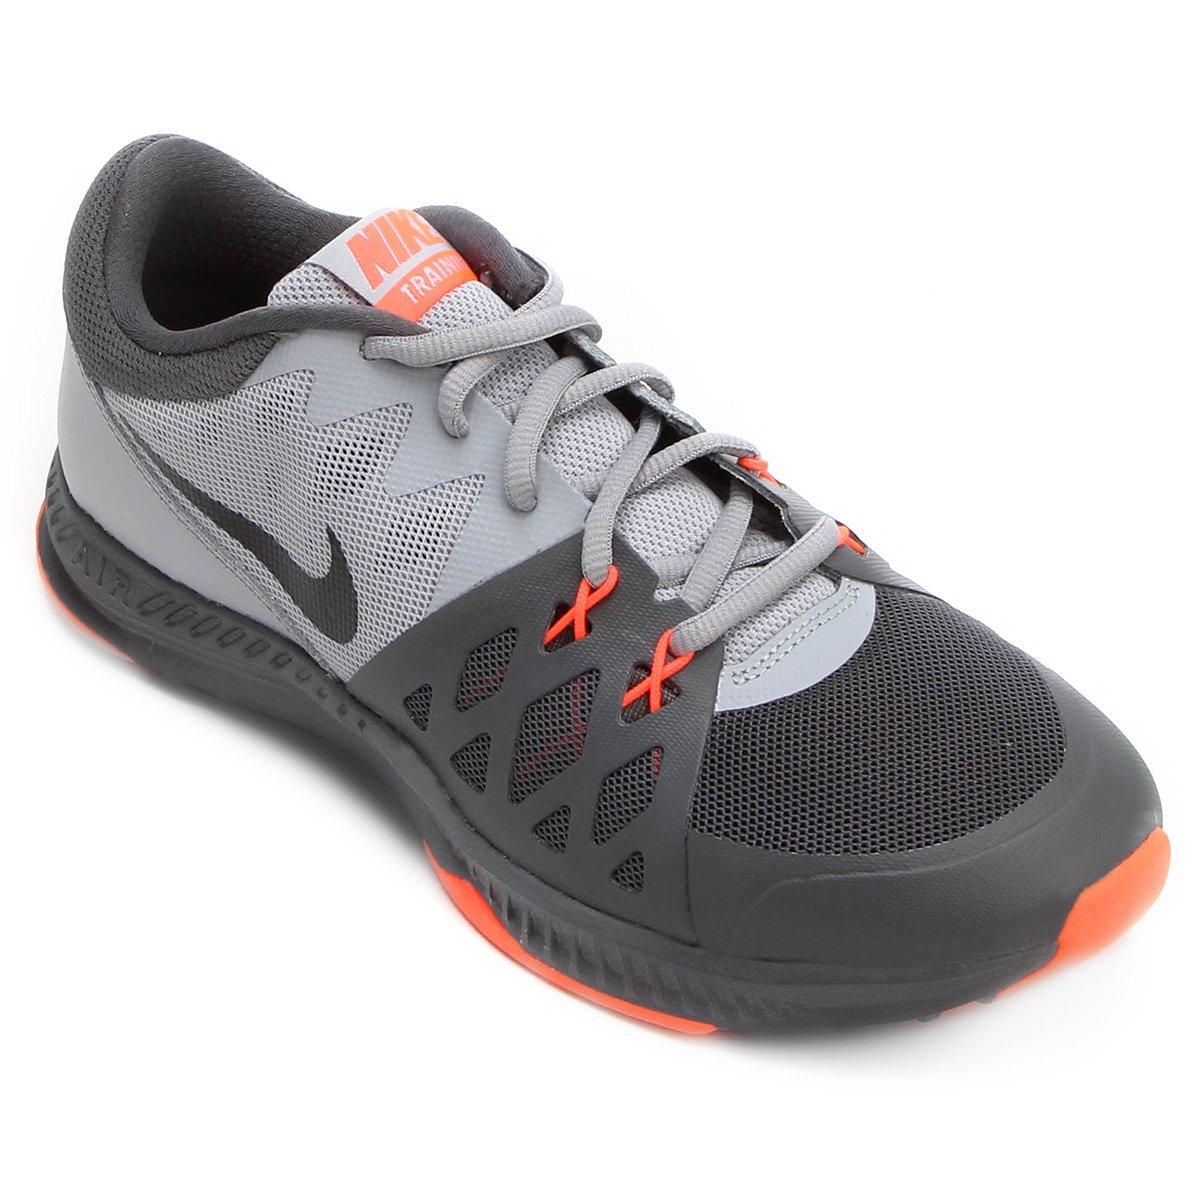 f0582a15d8 Tênis Nike Air Epic Speed TR 2 Masculino - Compre Agora